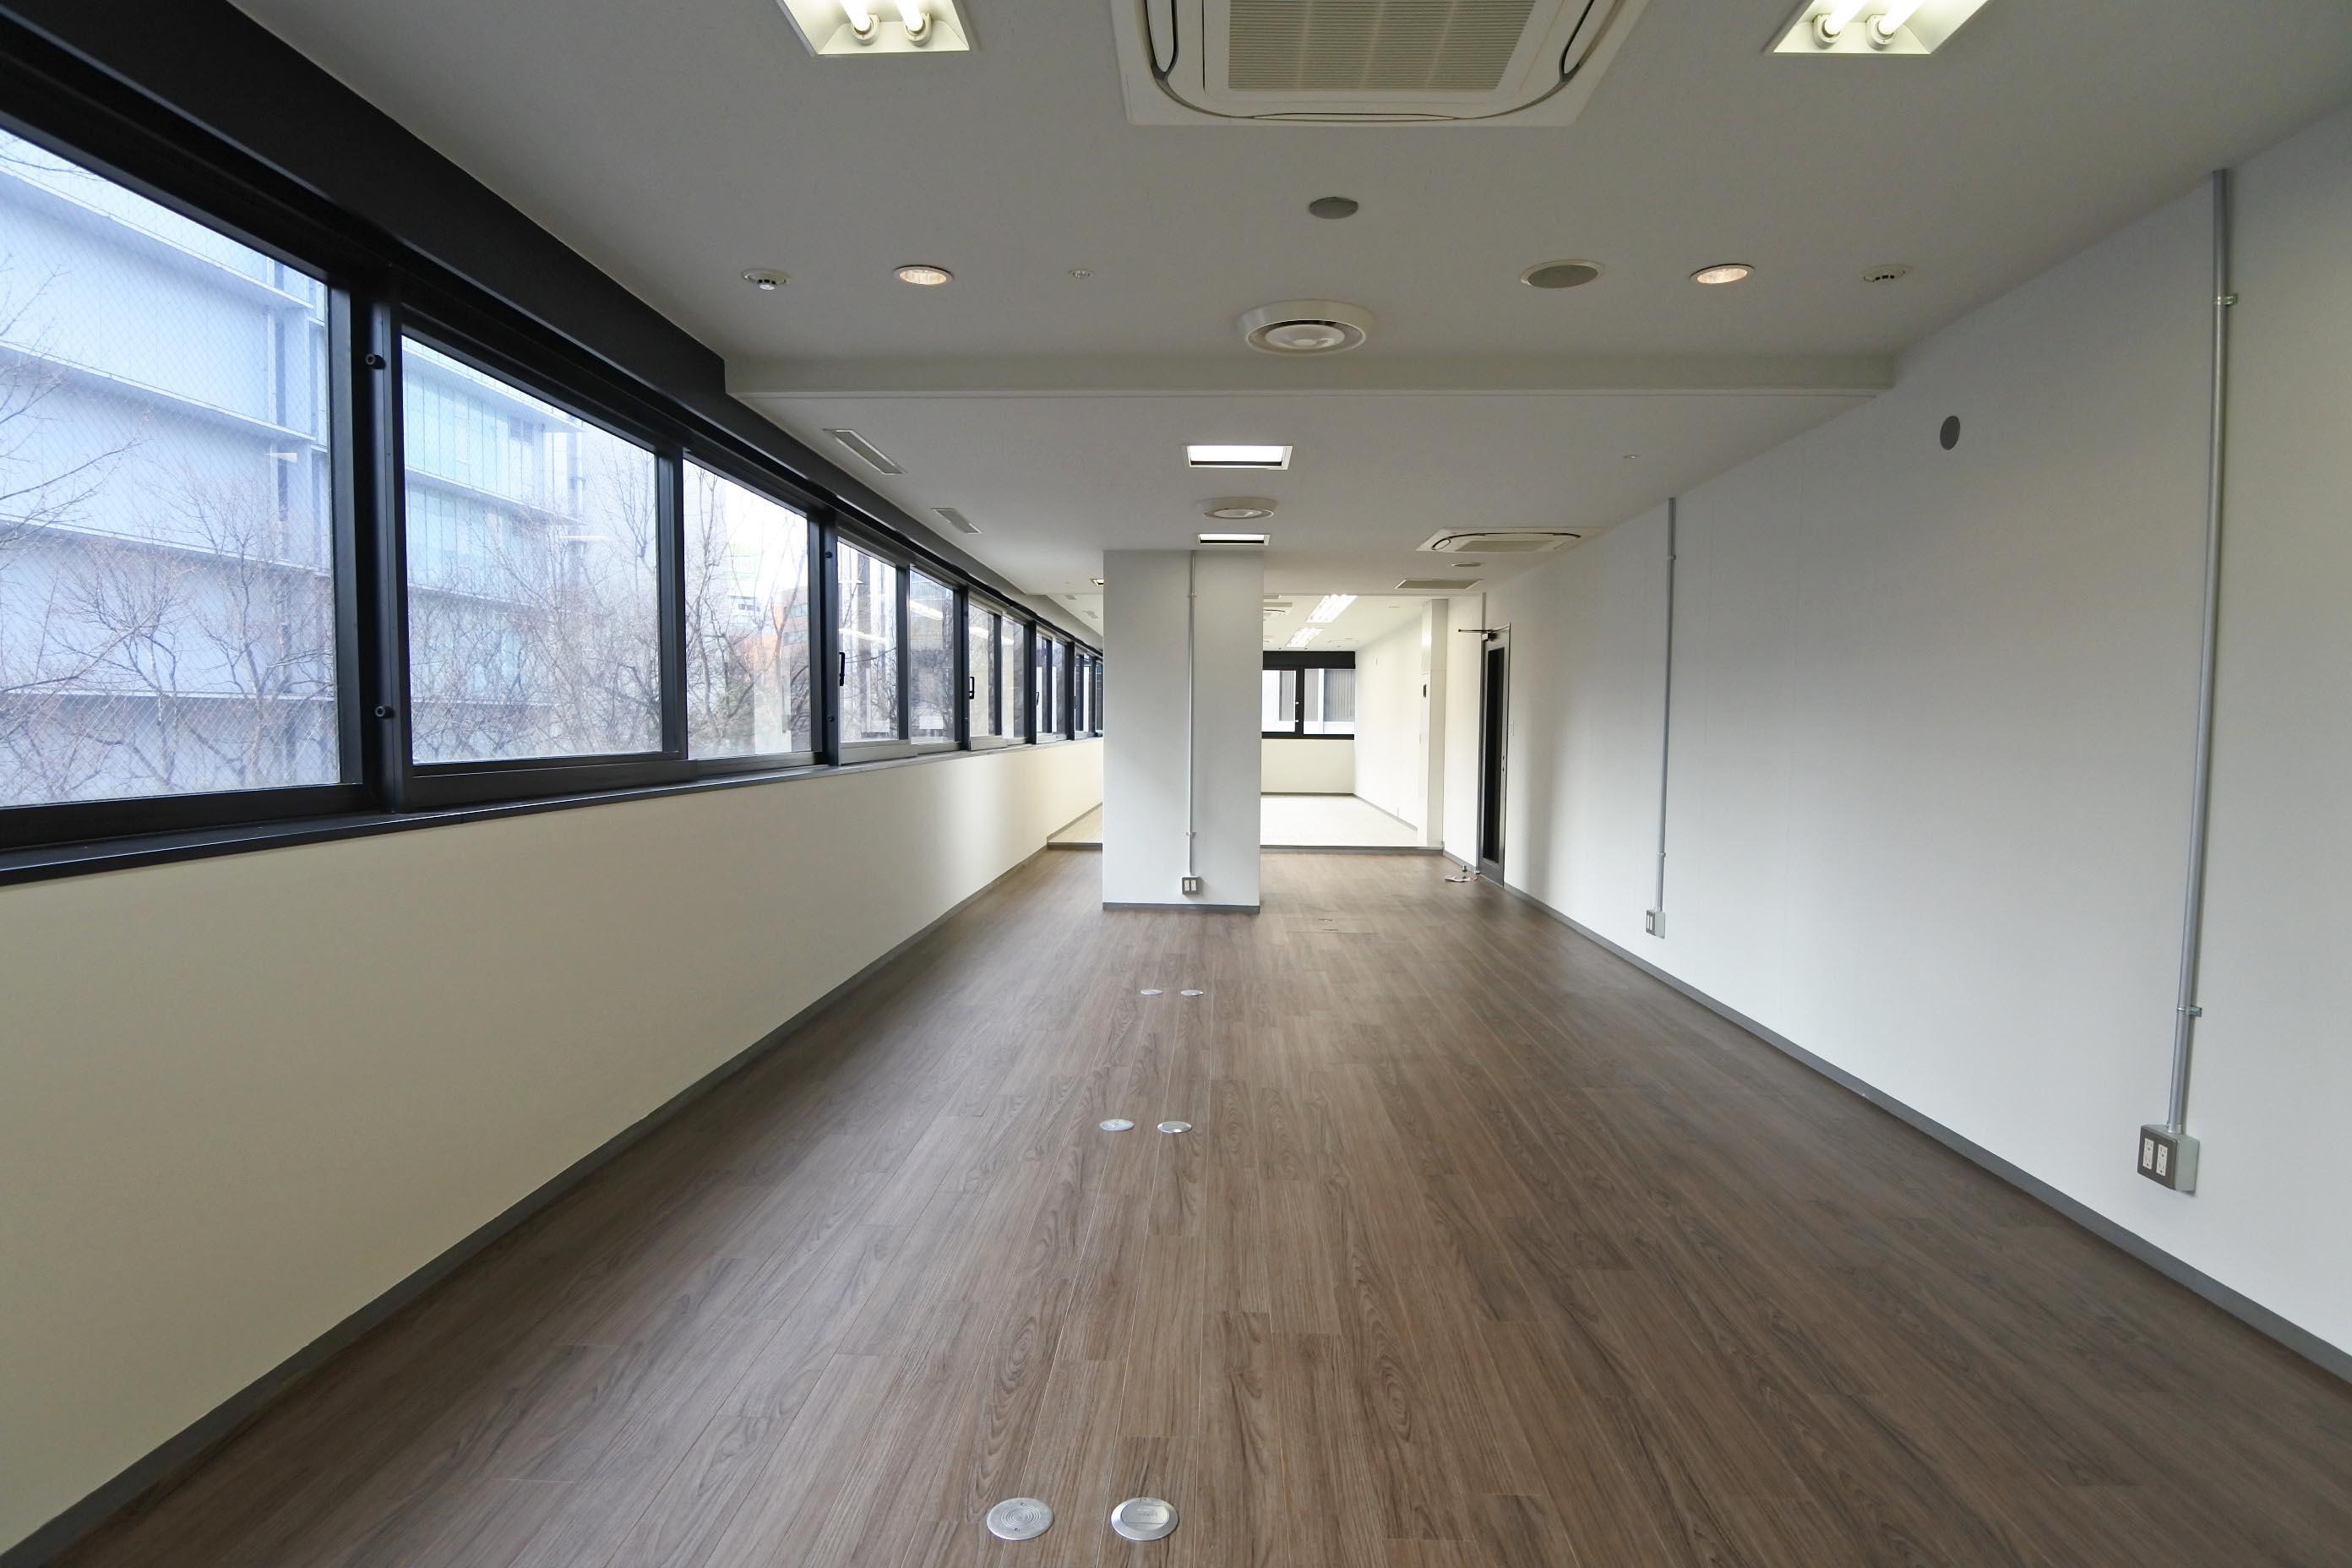 その2階区画。窓に包まれたロングホールオフィス。